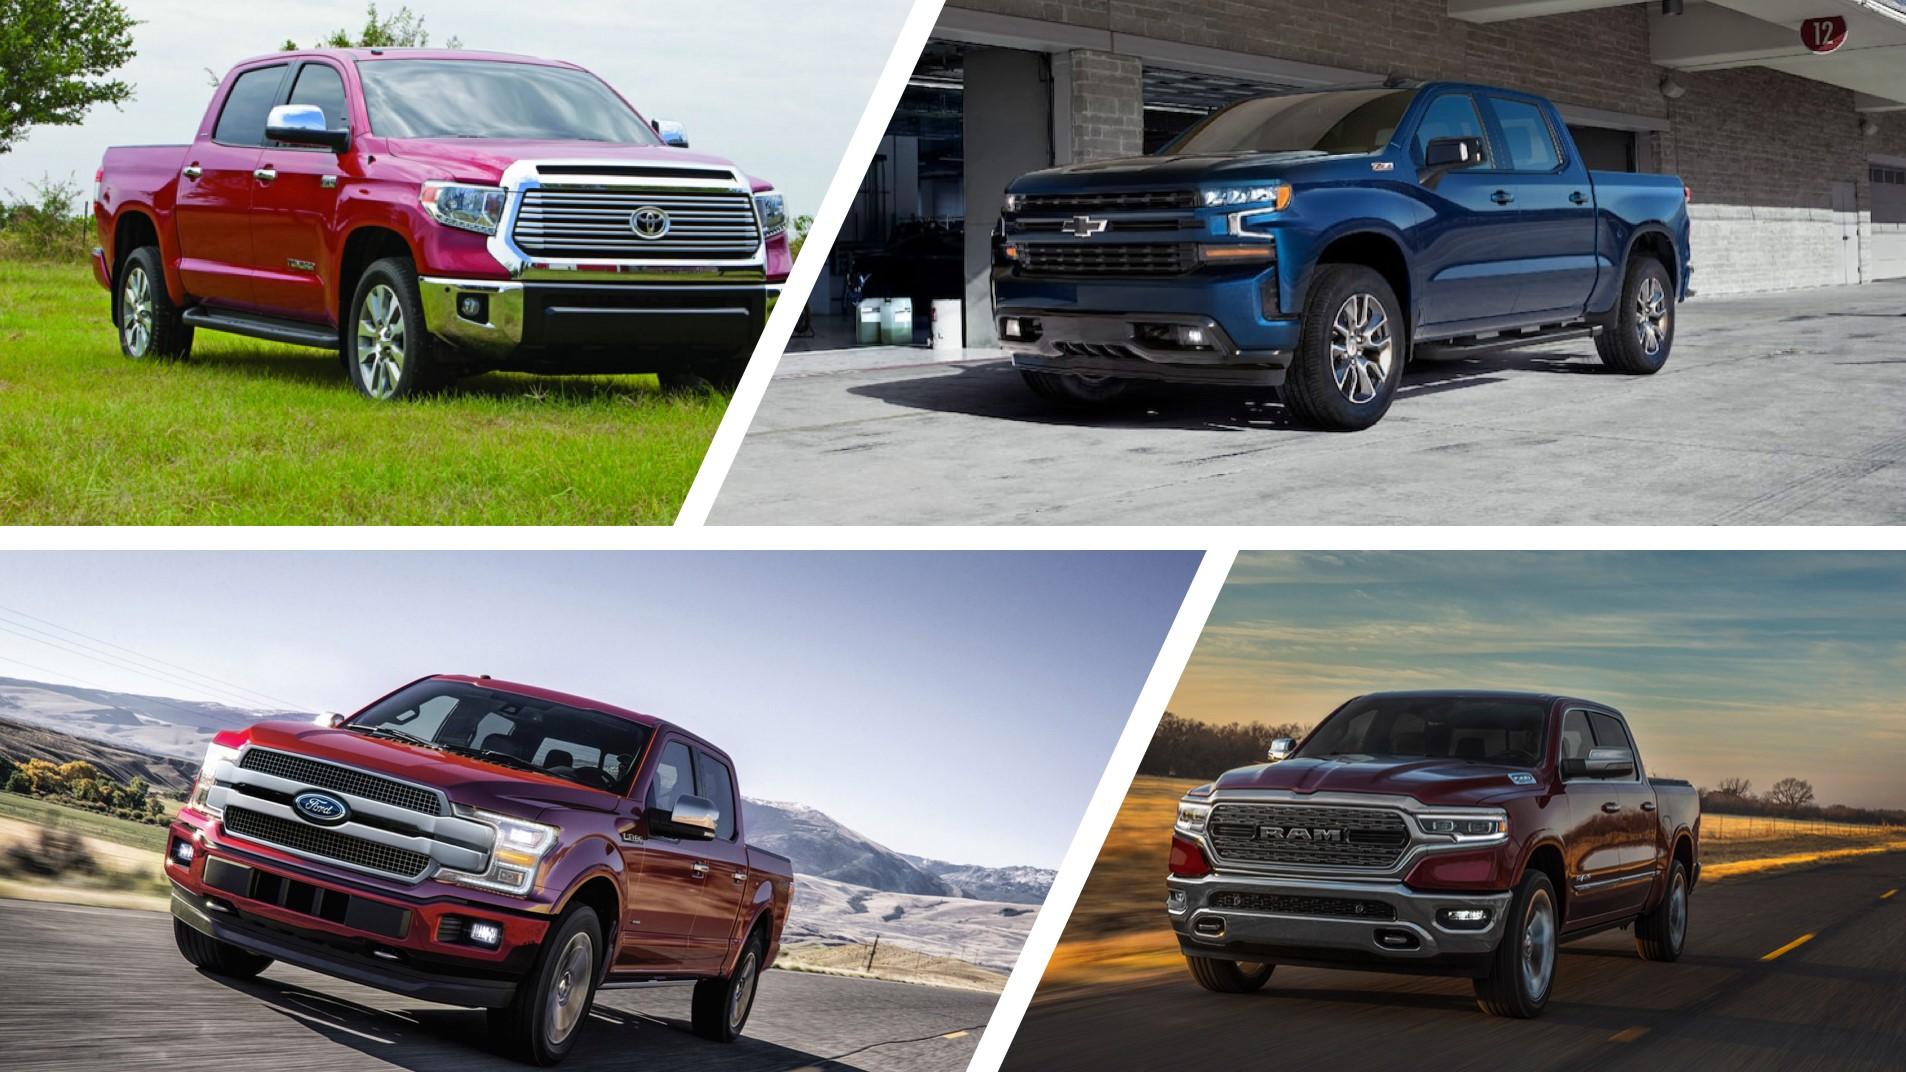 ¿De estas cuatro trocas cuál es la mejor? Pick up grandes